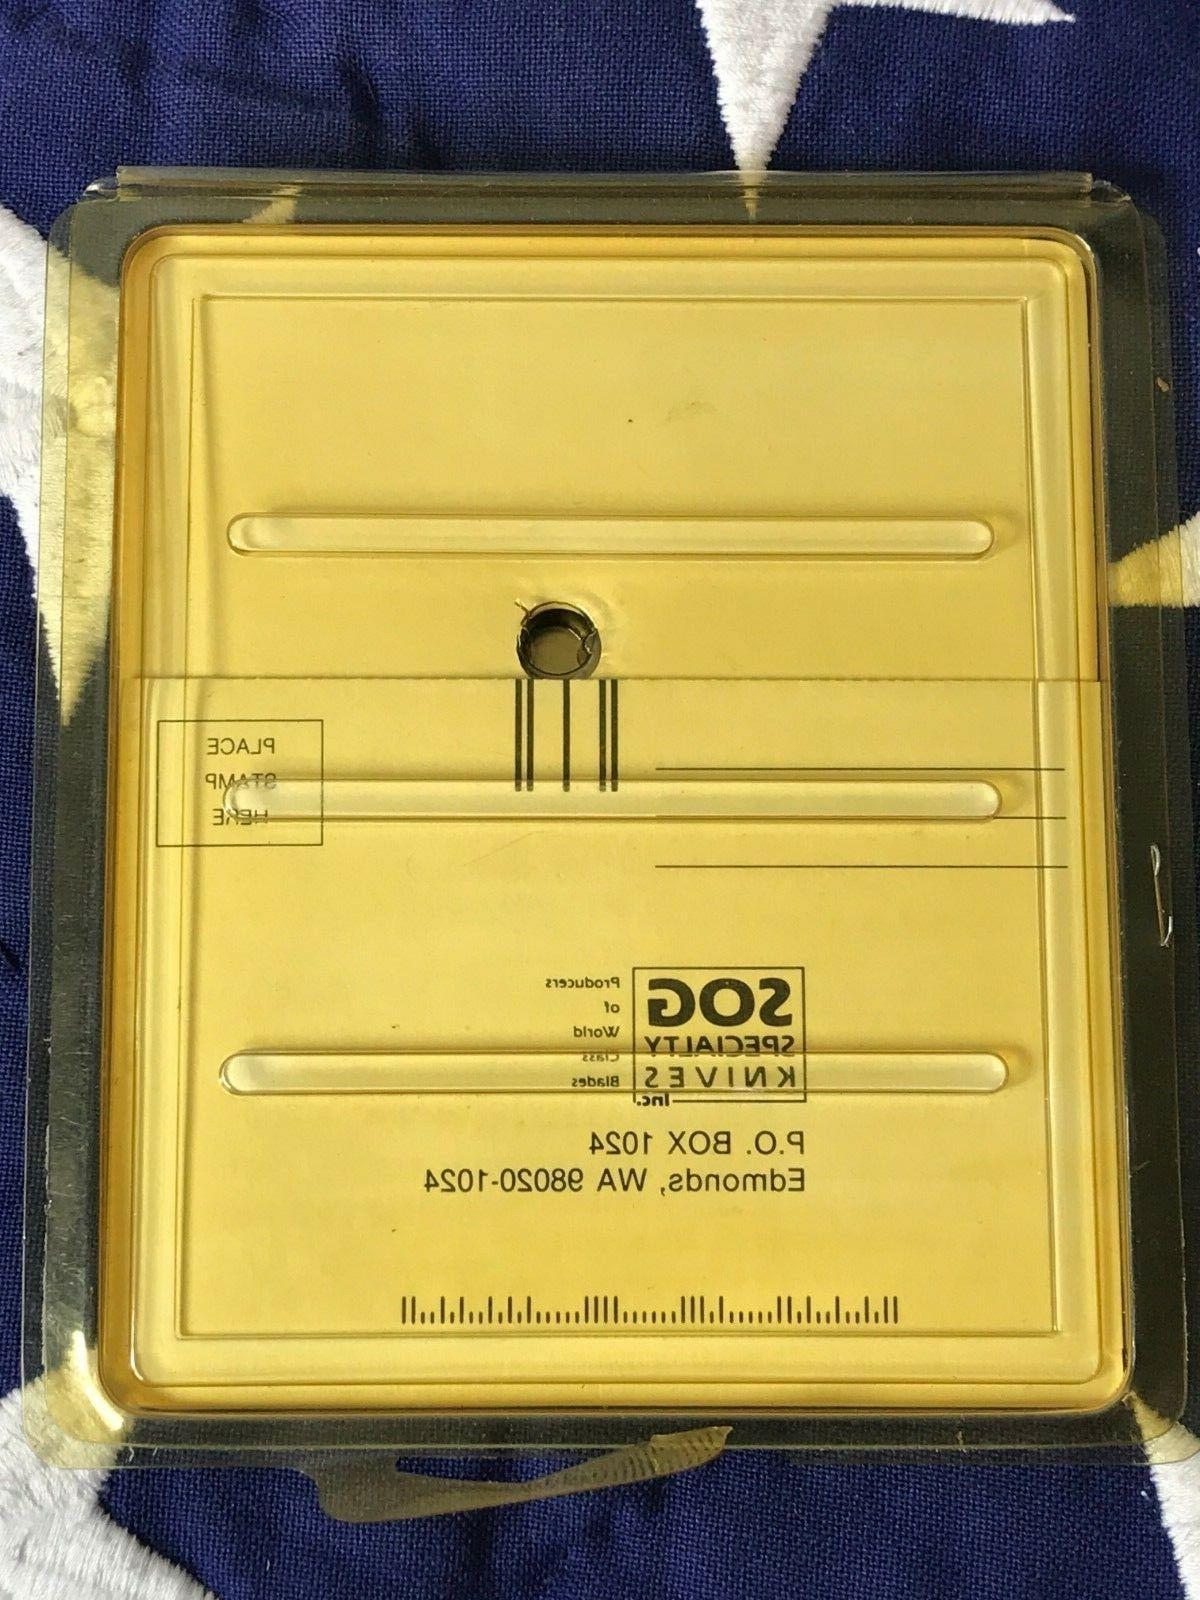 Vintage EZ-1 keychain